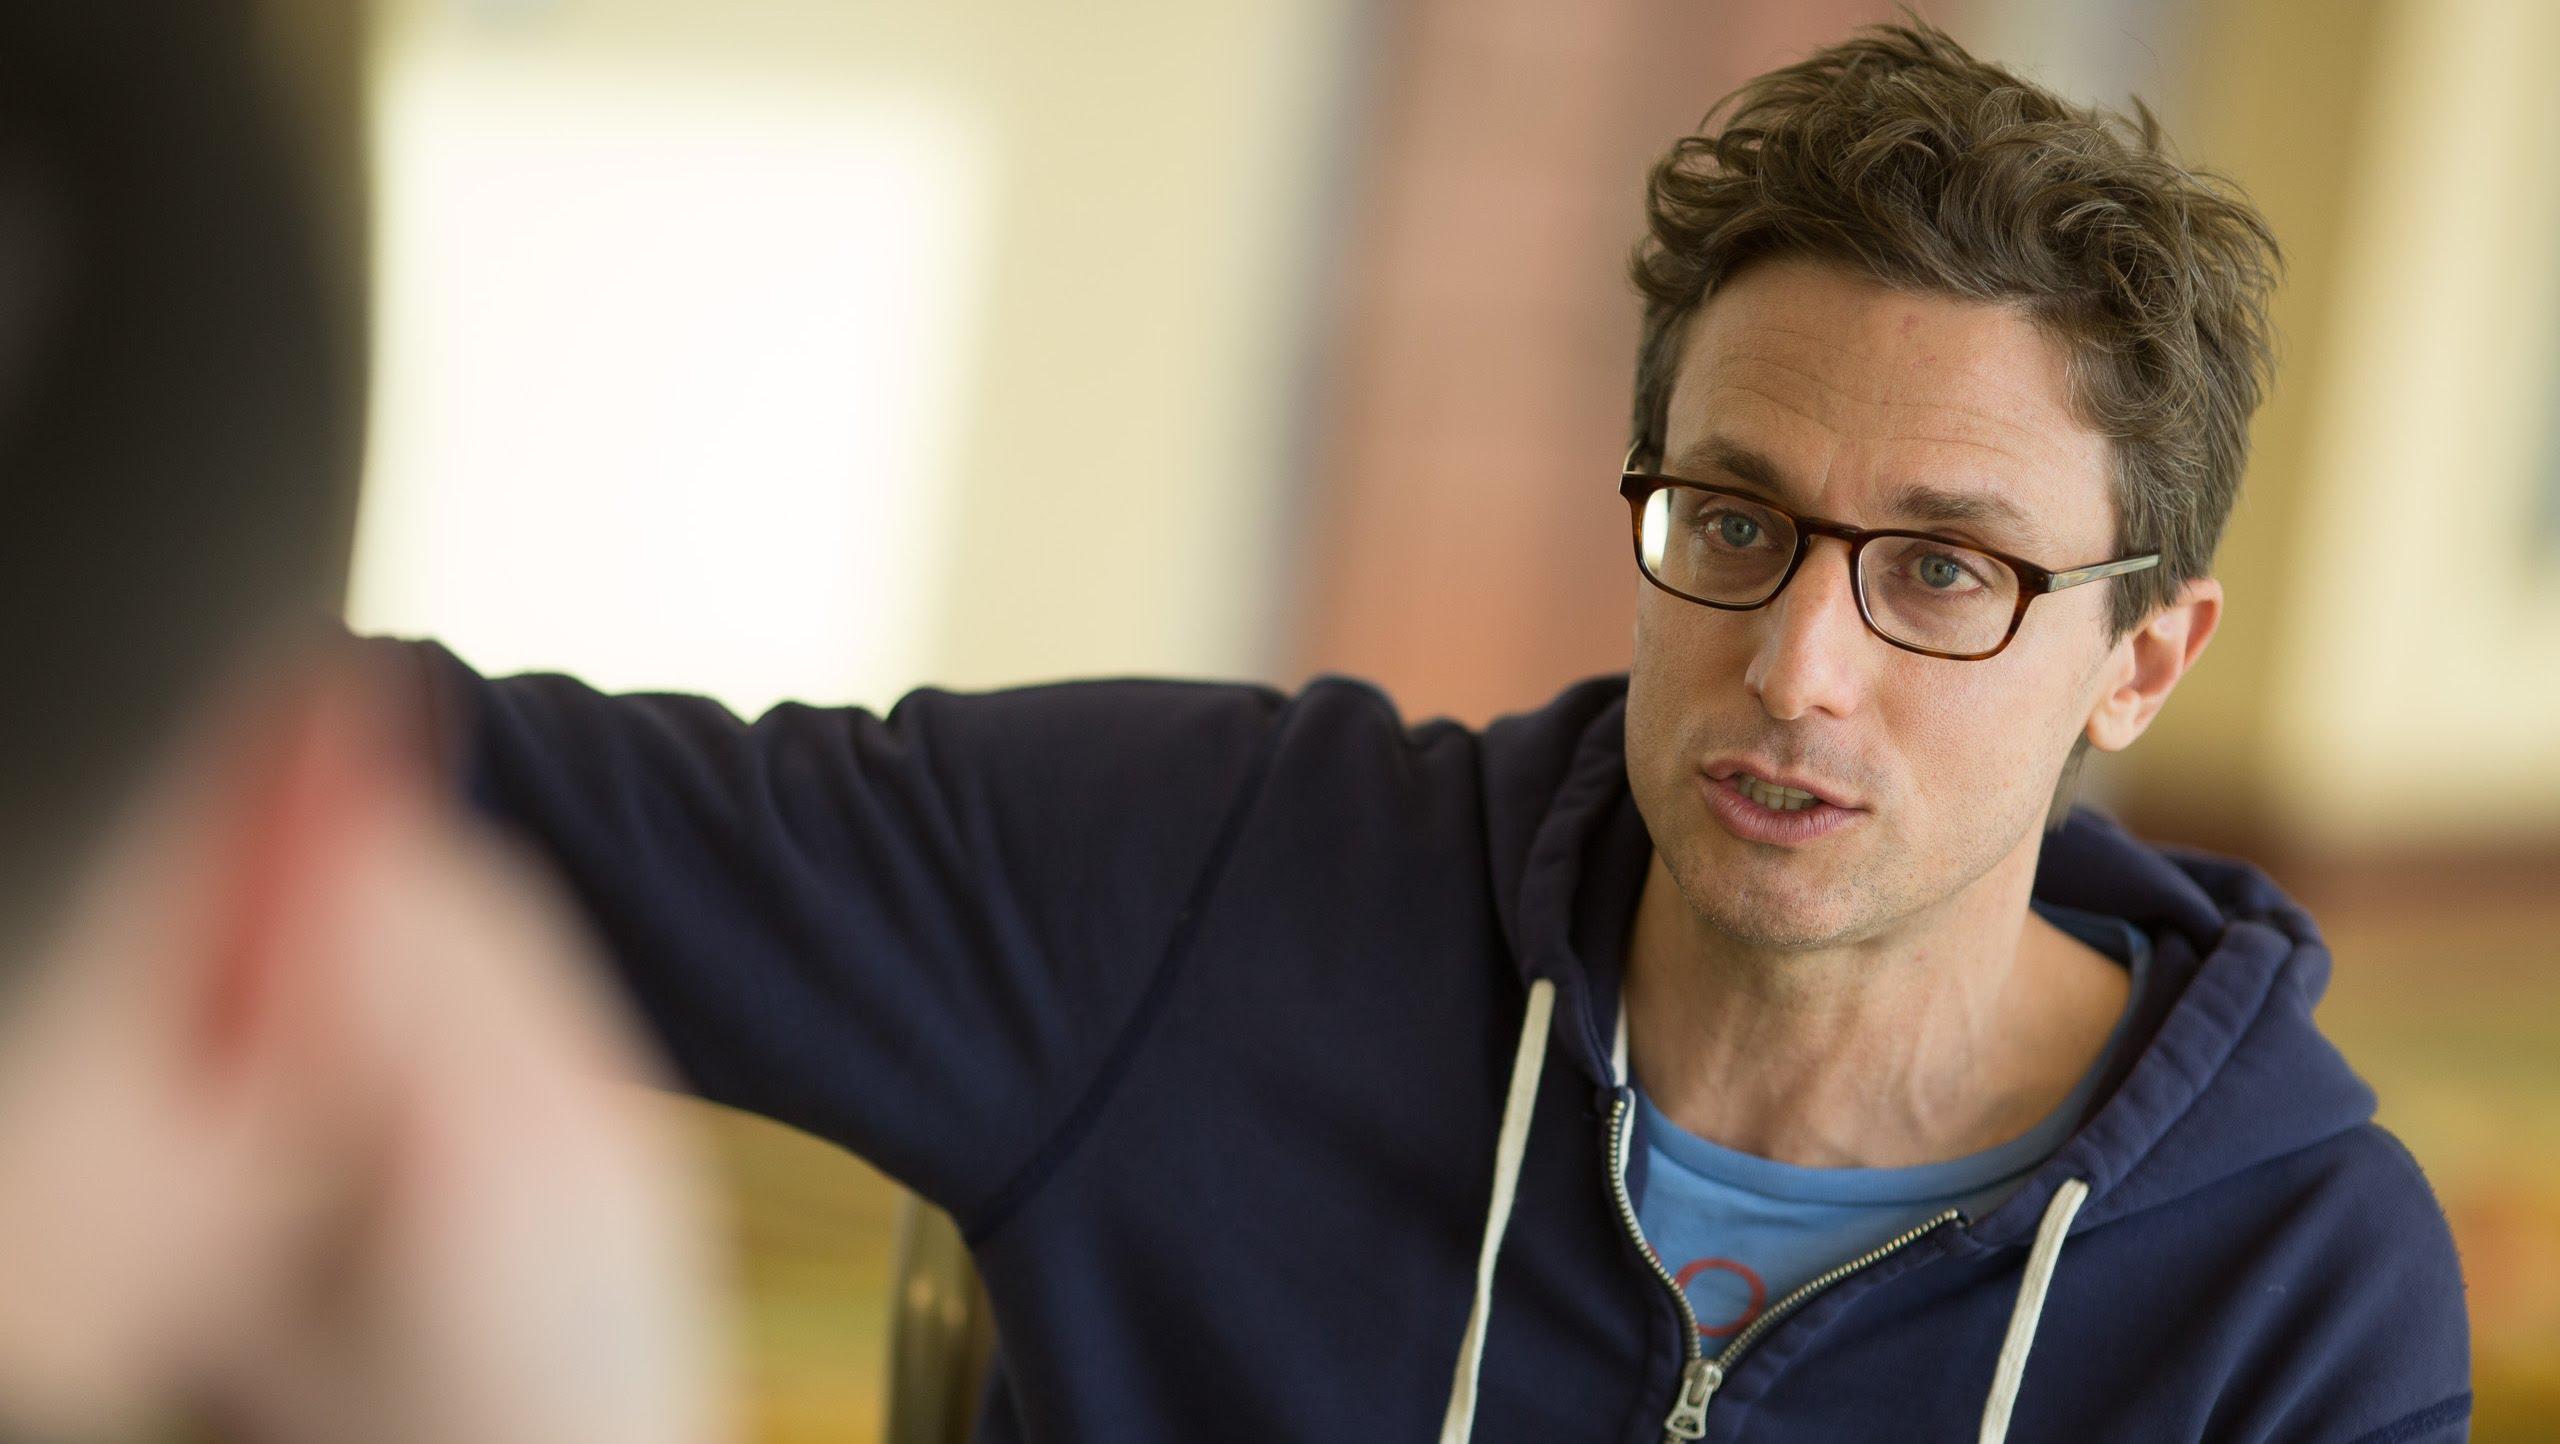 Talk with BuzzFeed's Jonah Peretti